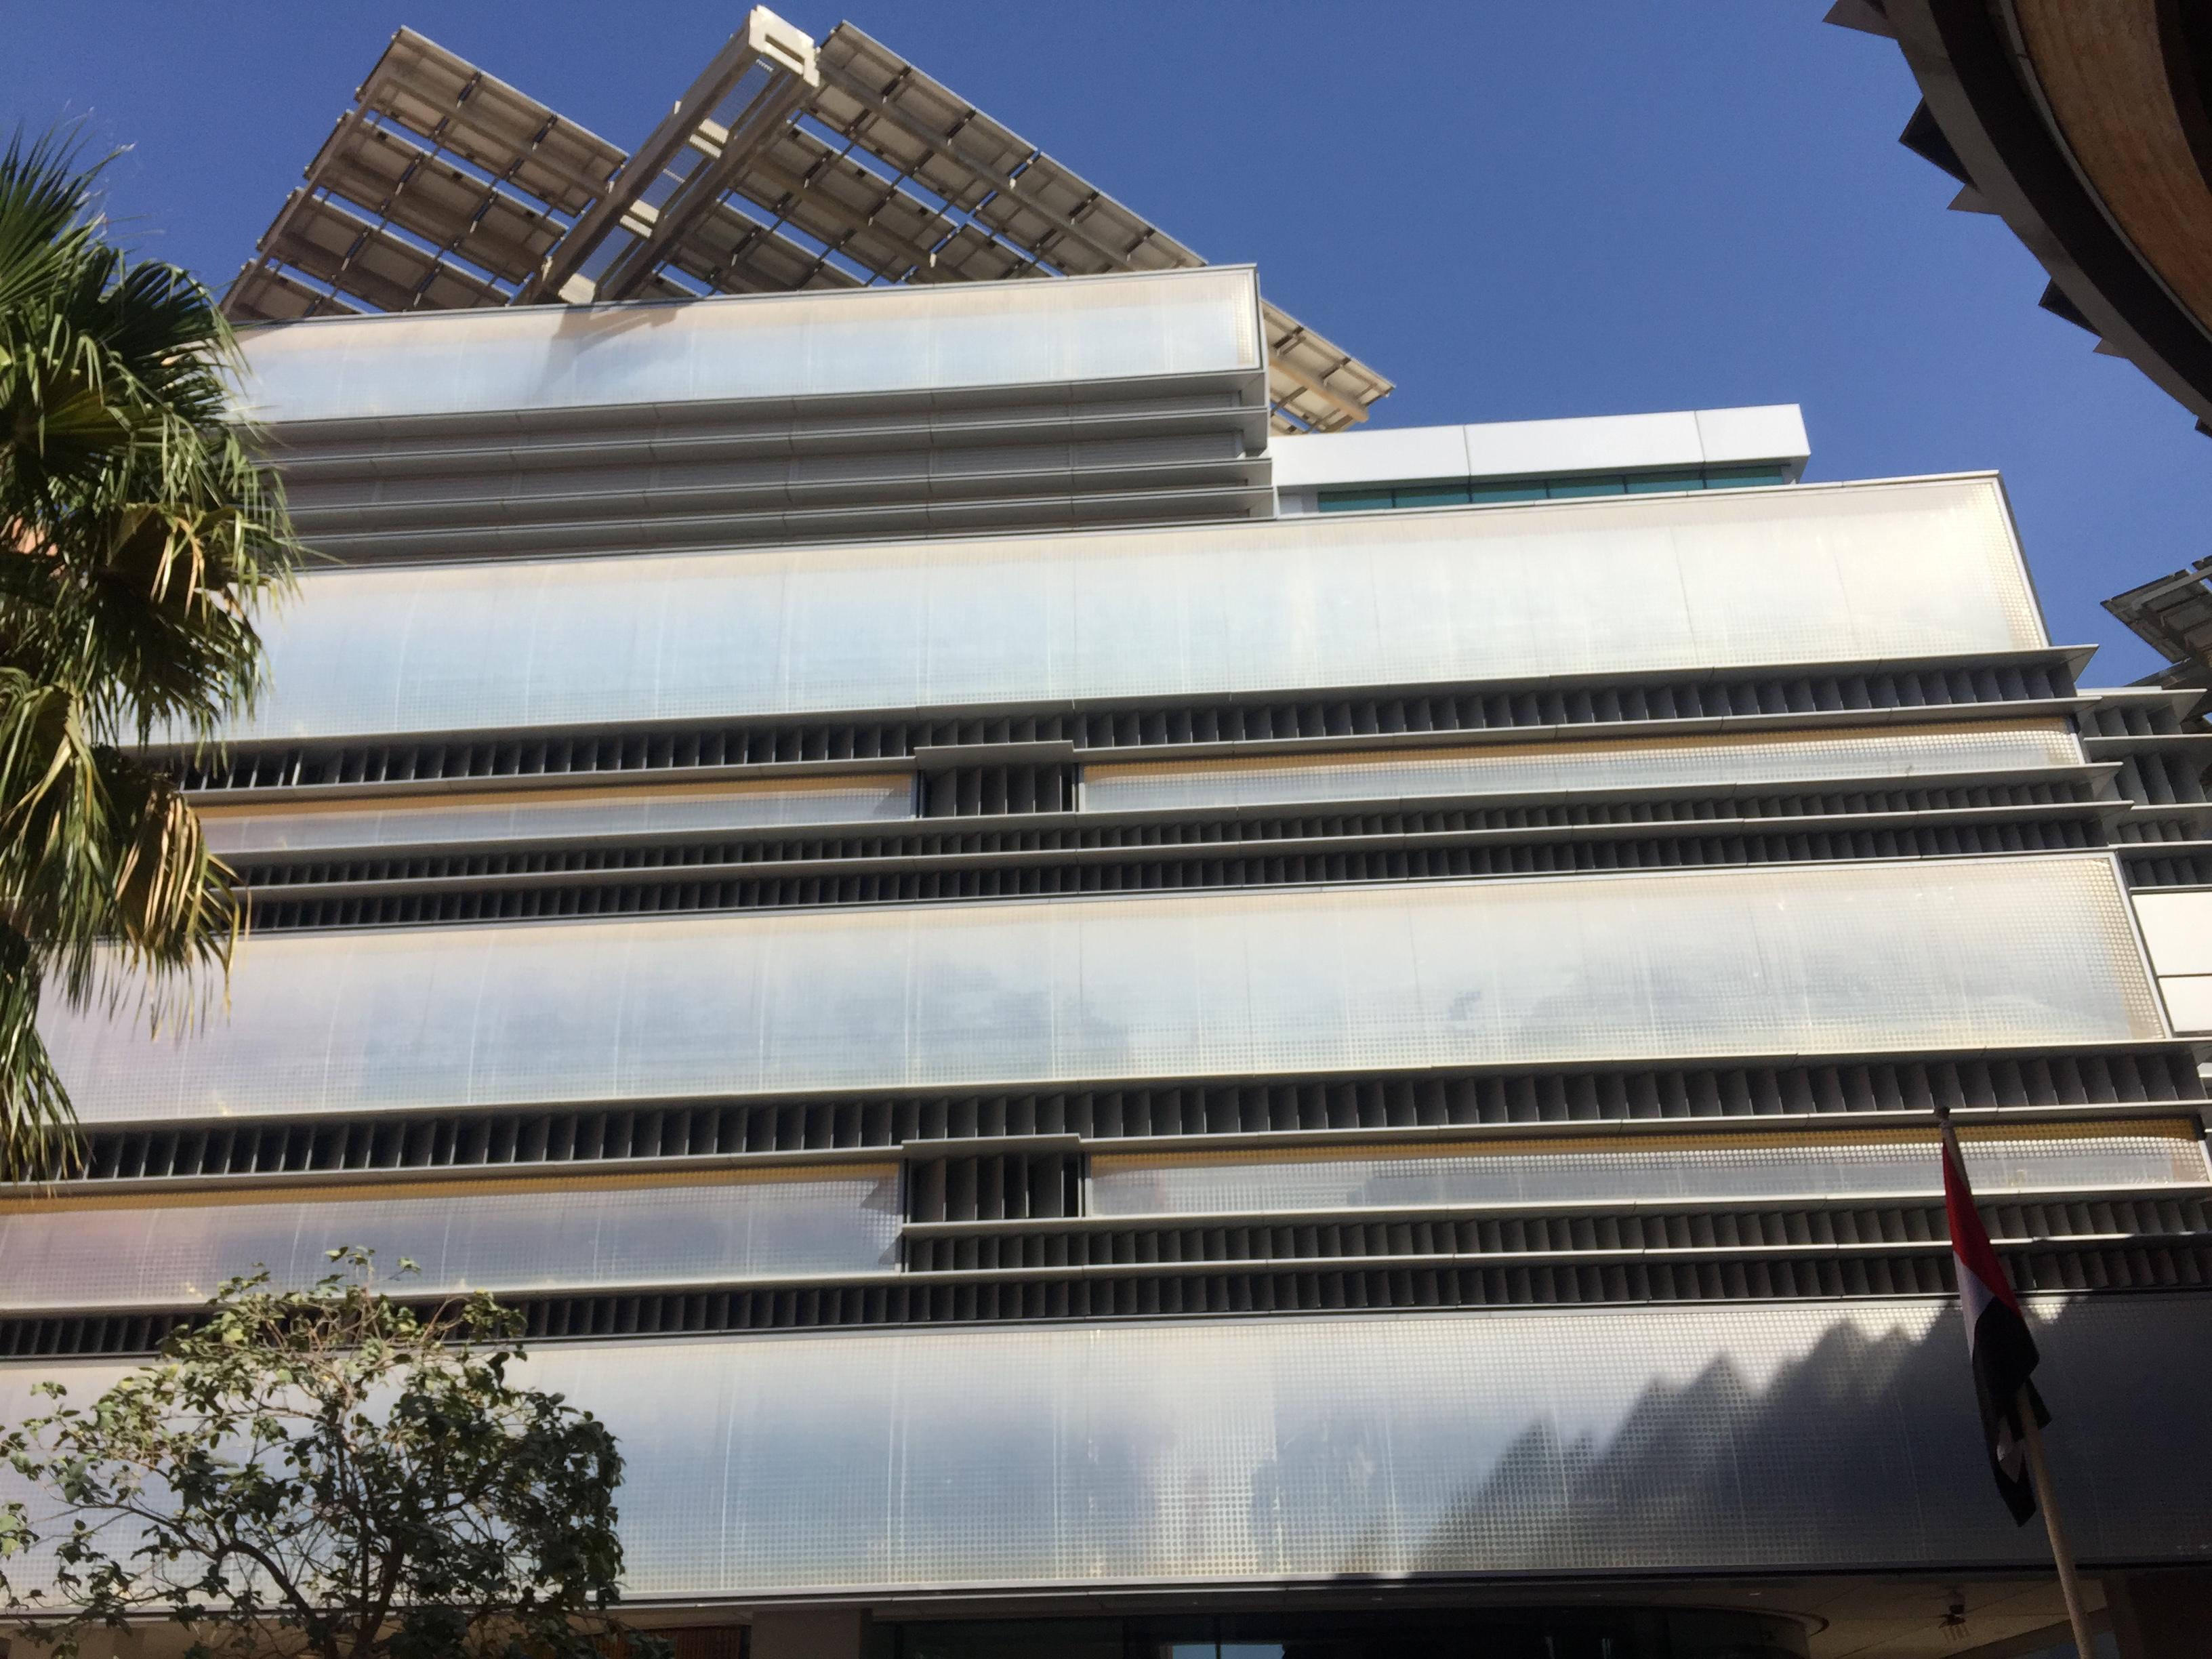 استخدامات الطاقة النظيفة في البناء والتصميم للمباني (1)